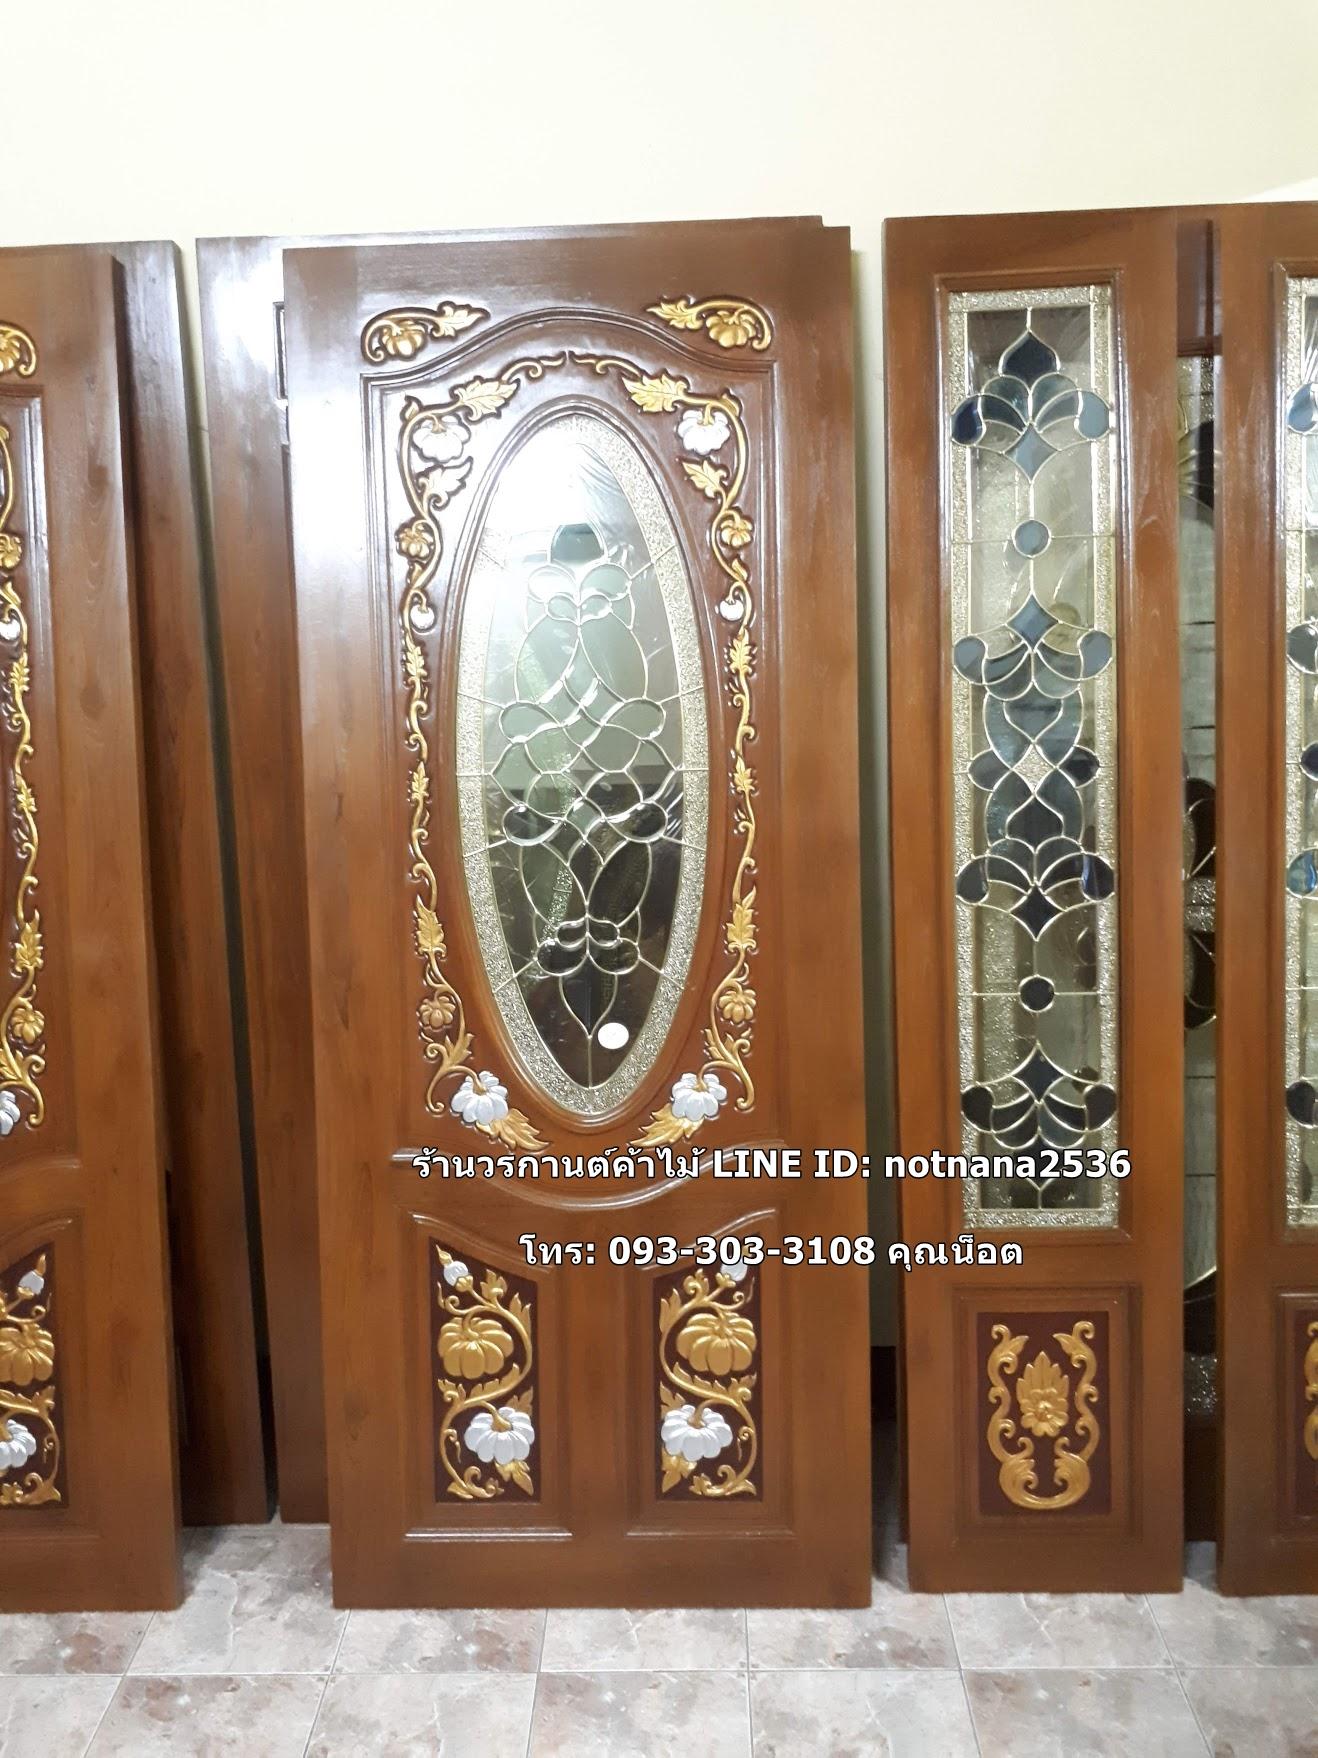 ประตูไม้สักกระจกนิรภัยวงรีแกะฟักทอง รหัส AAA149